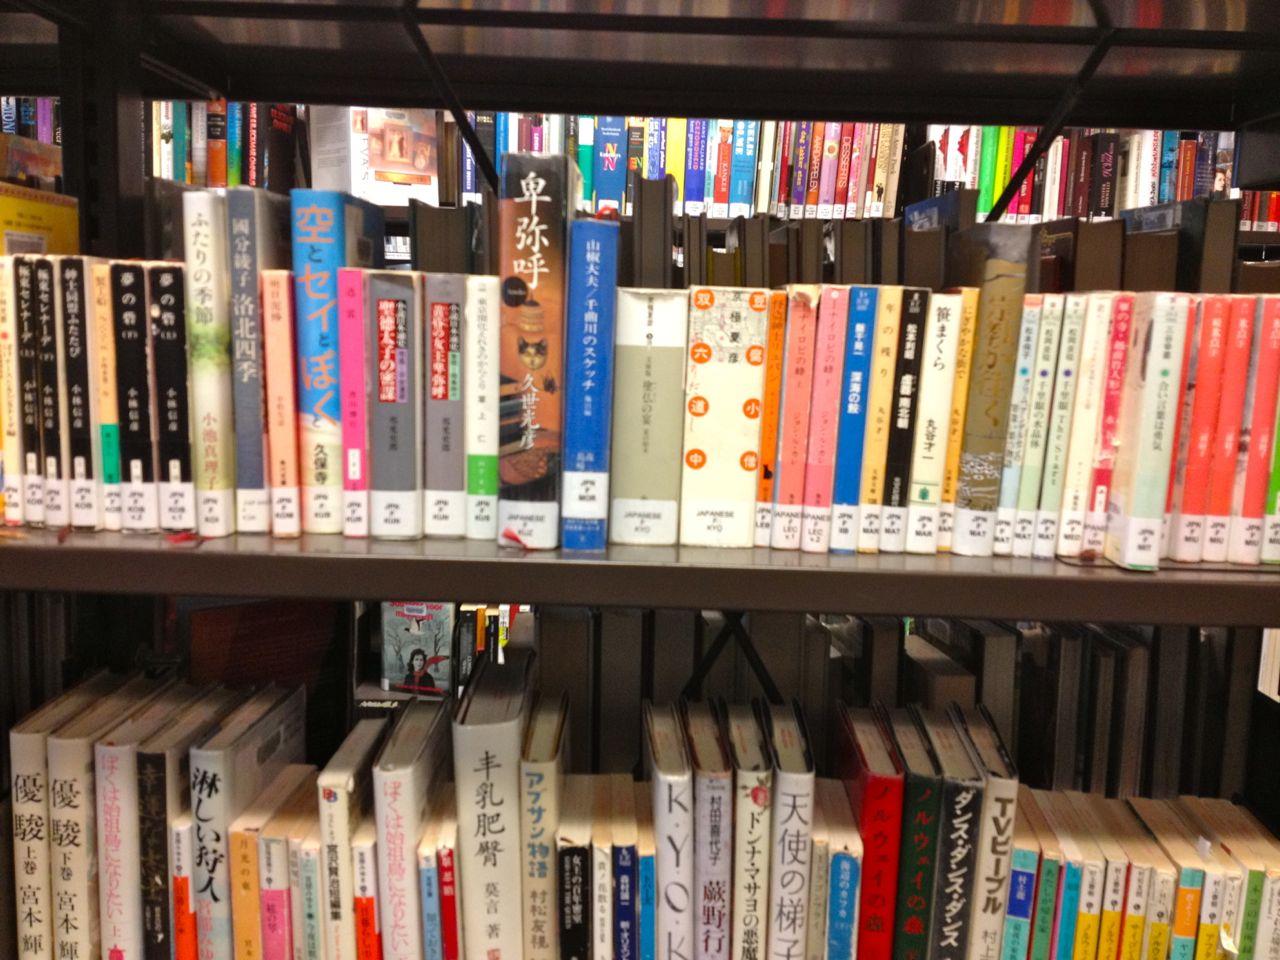 グレーター・ビクトリア公立図書館 日本語セクション